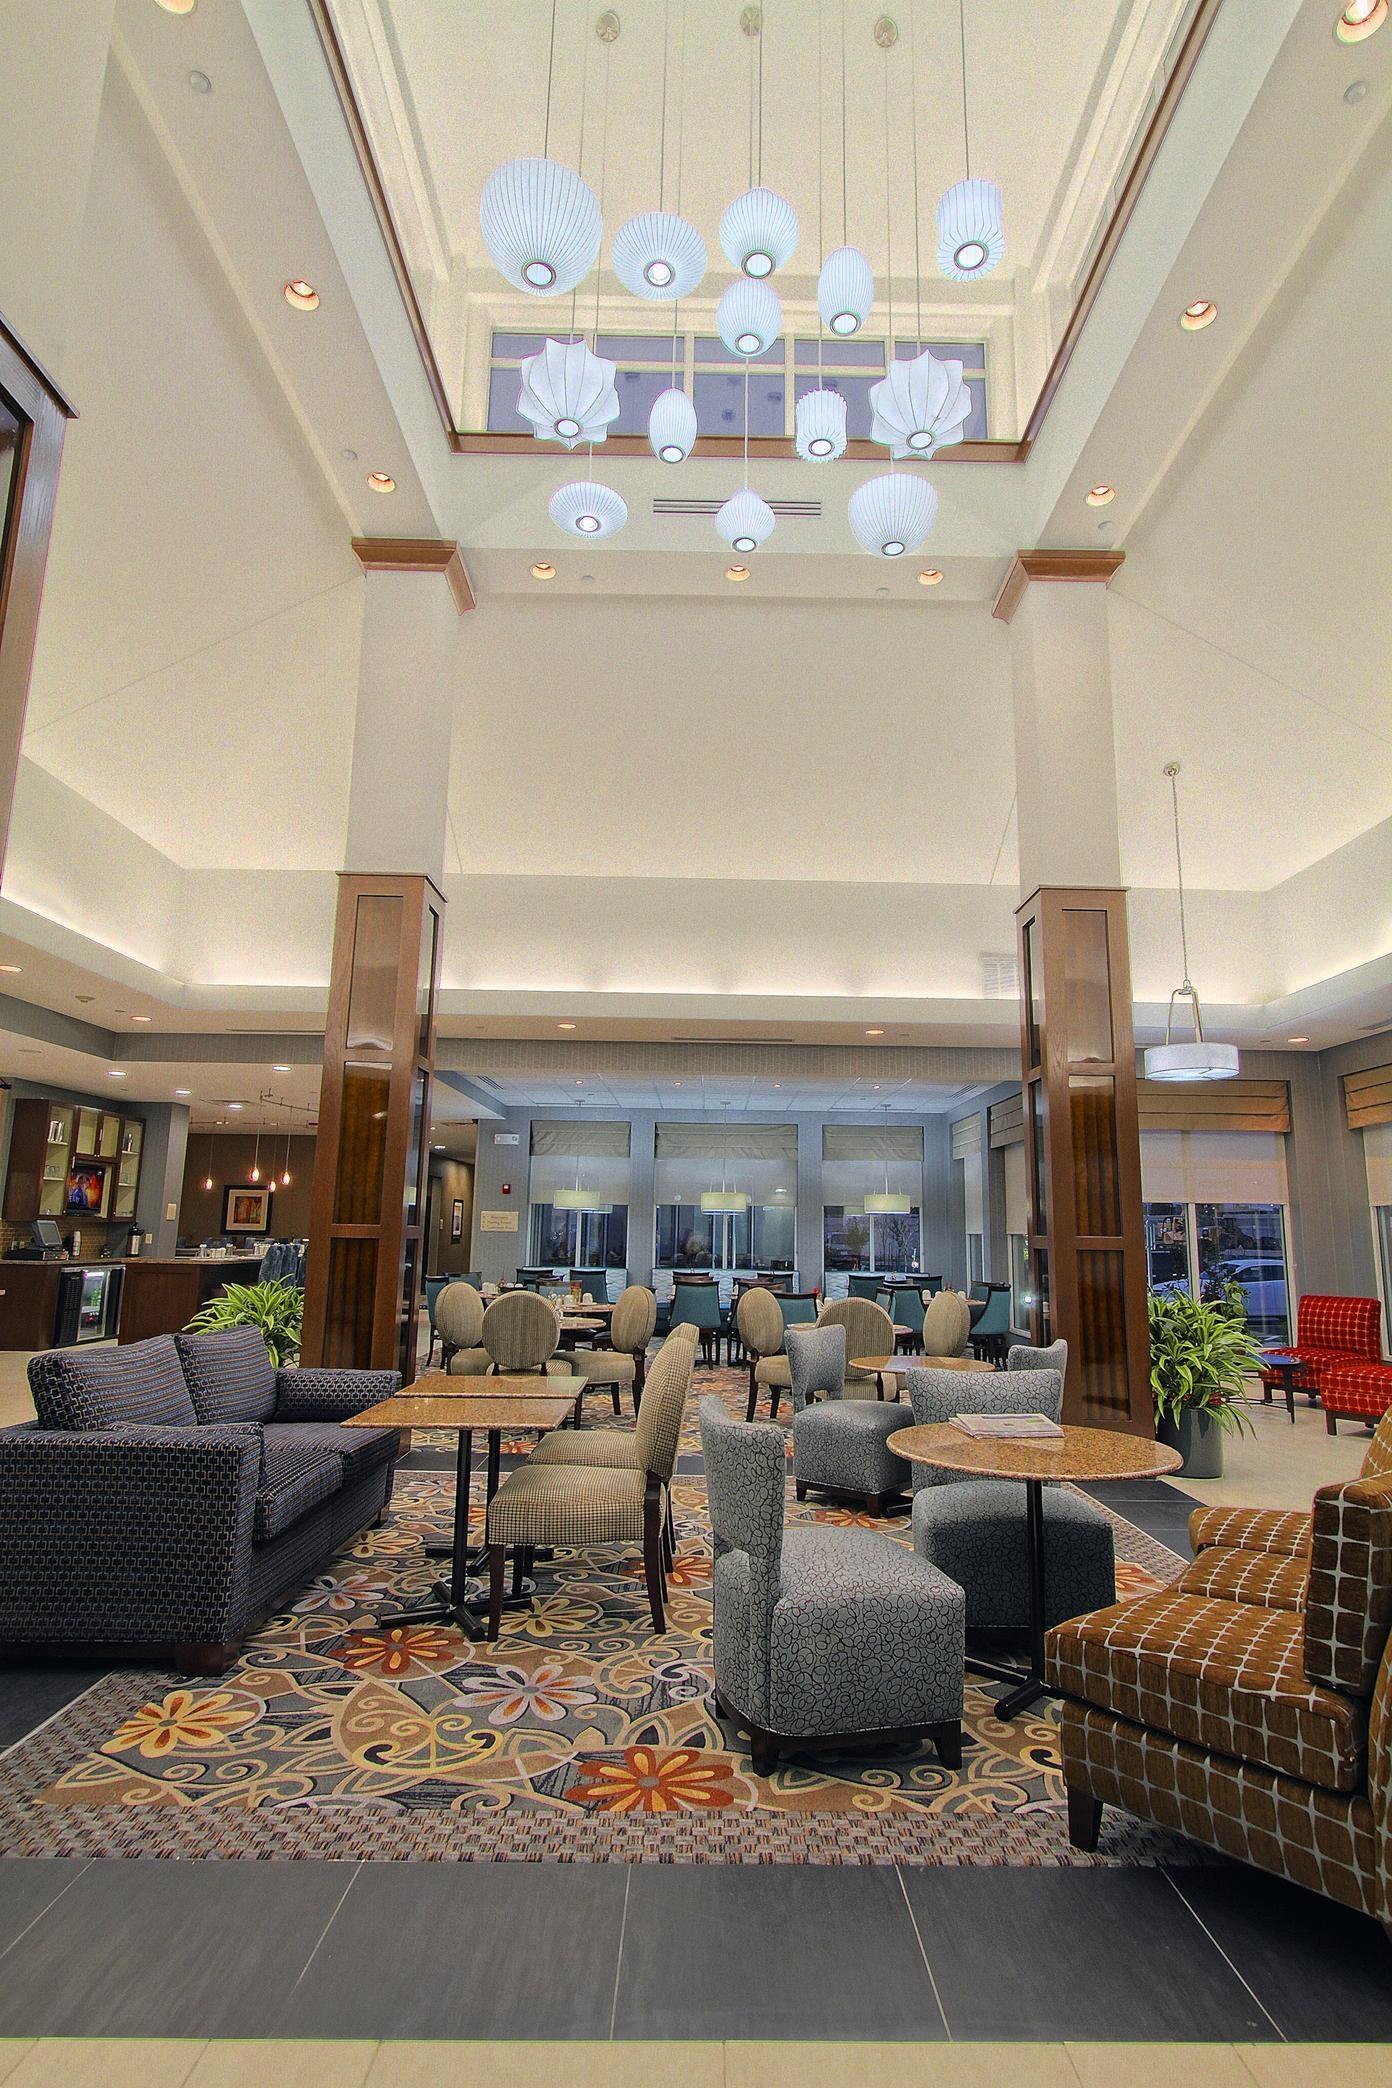 Hilton Garden Inn Tulsa Midtown image 1